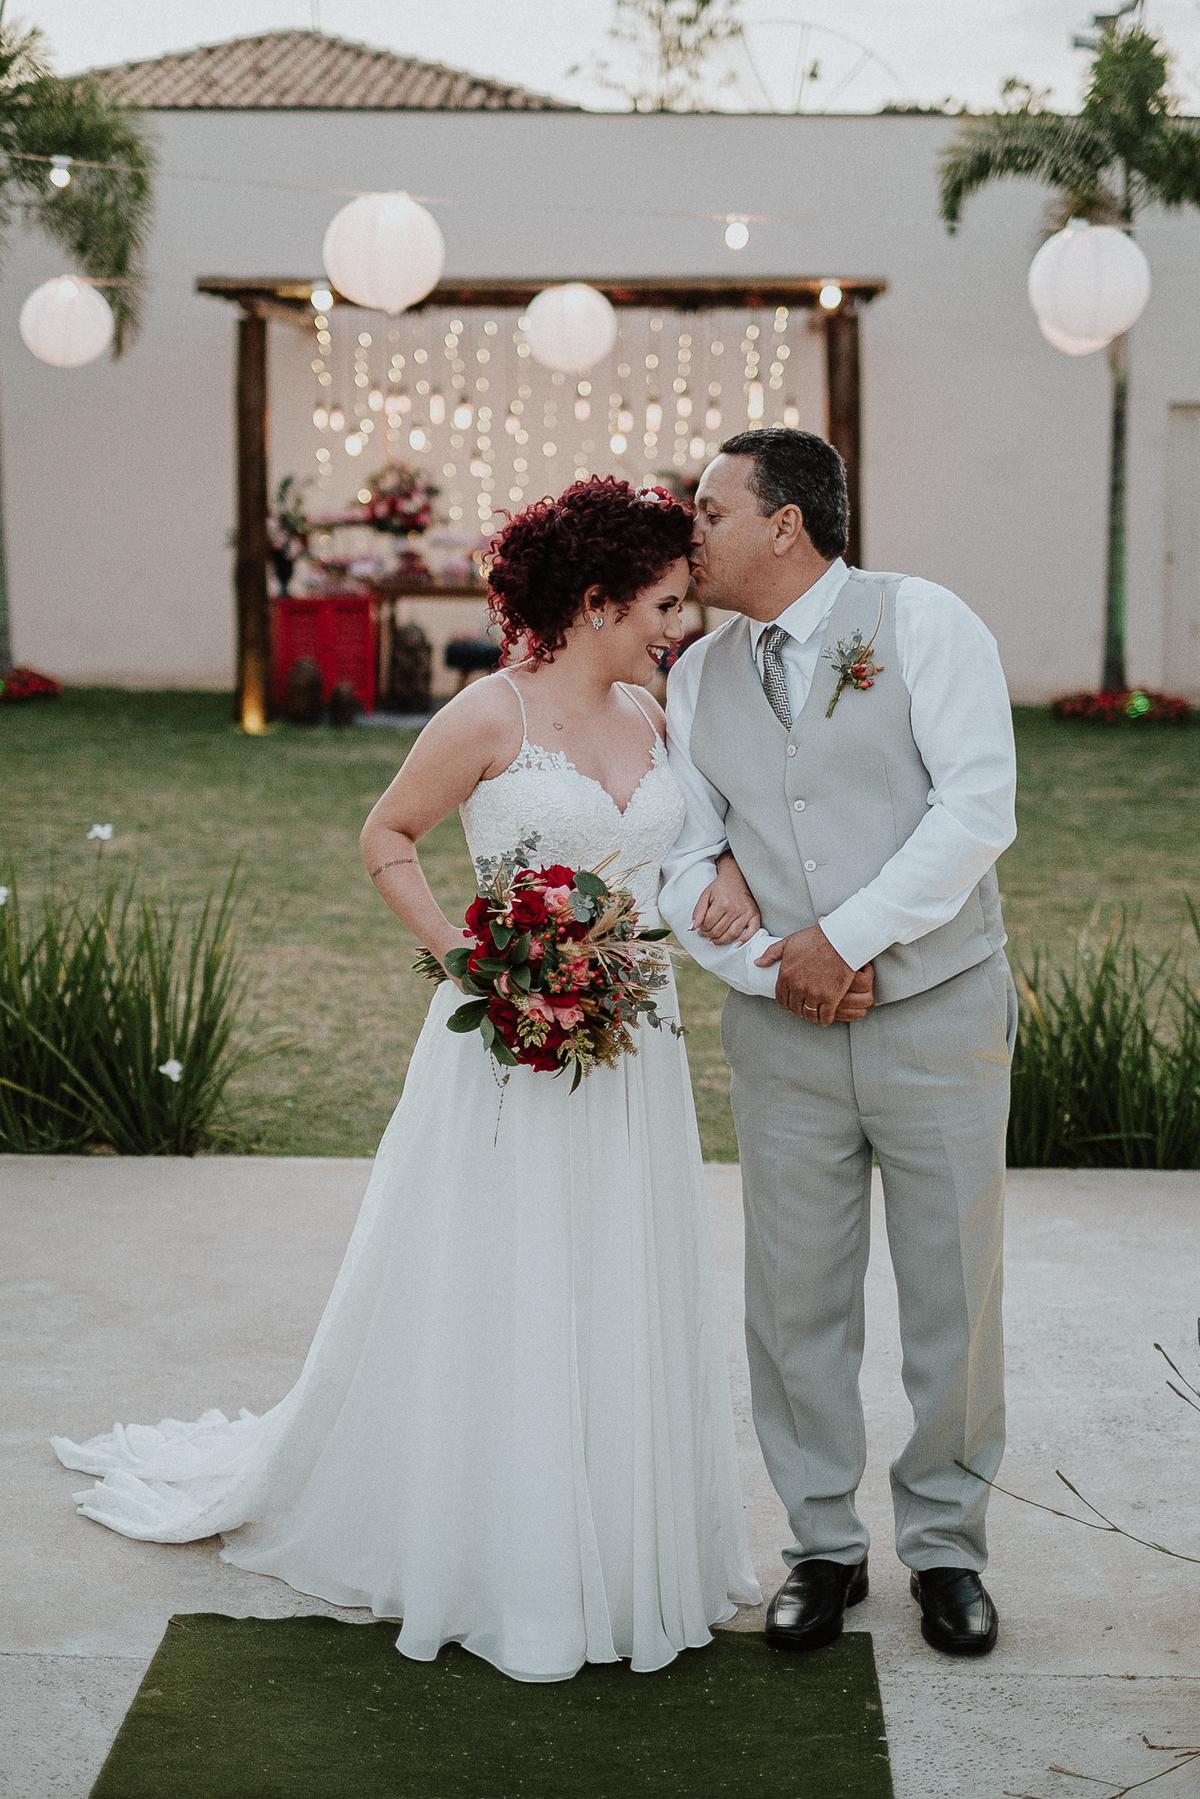 vestido de noiva casar no campo rancho verde eventos campinas fotos por caio henrique ch